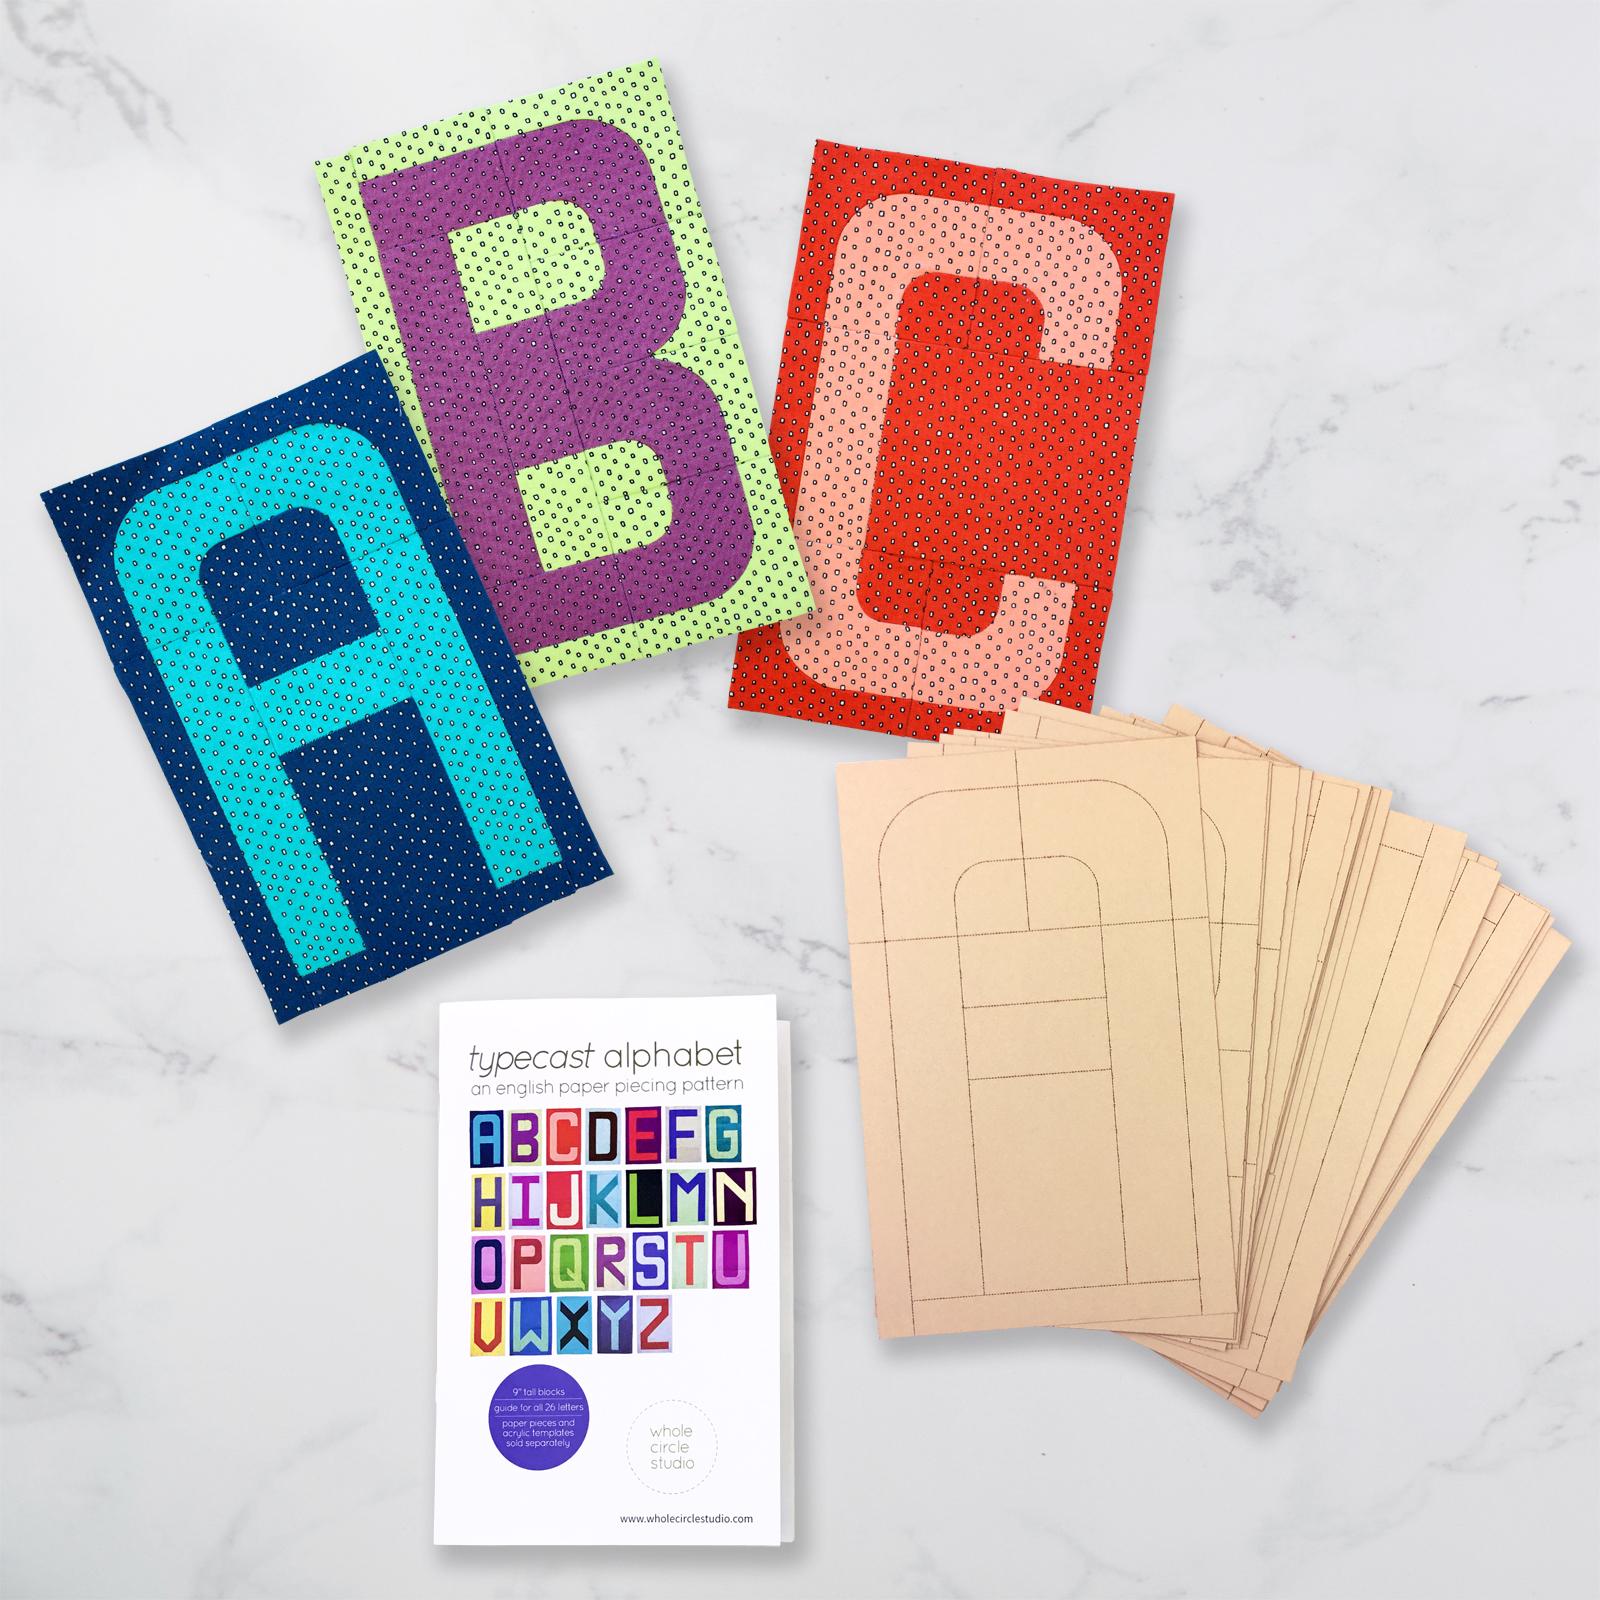 typecaset_alphabet_square.jpg